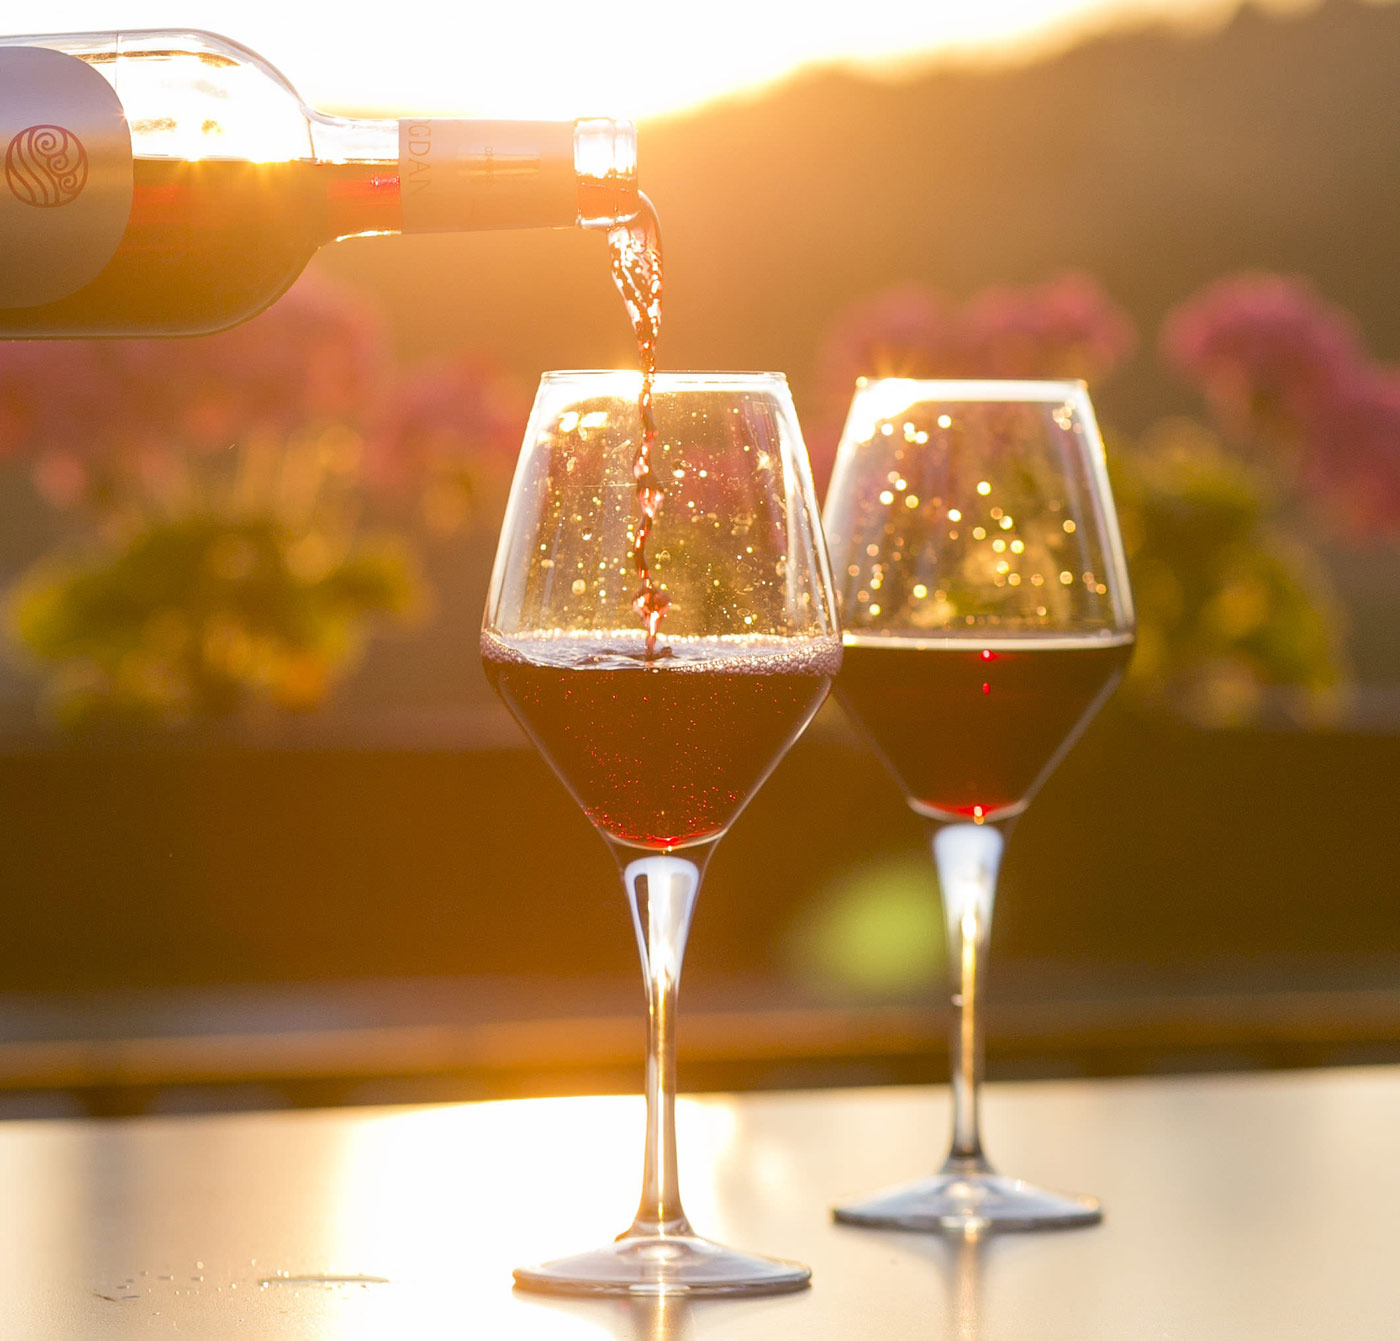 vin rouge servi dans 2 verres à dégustation